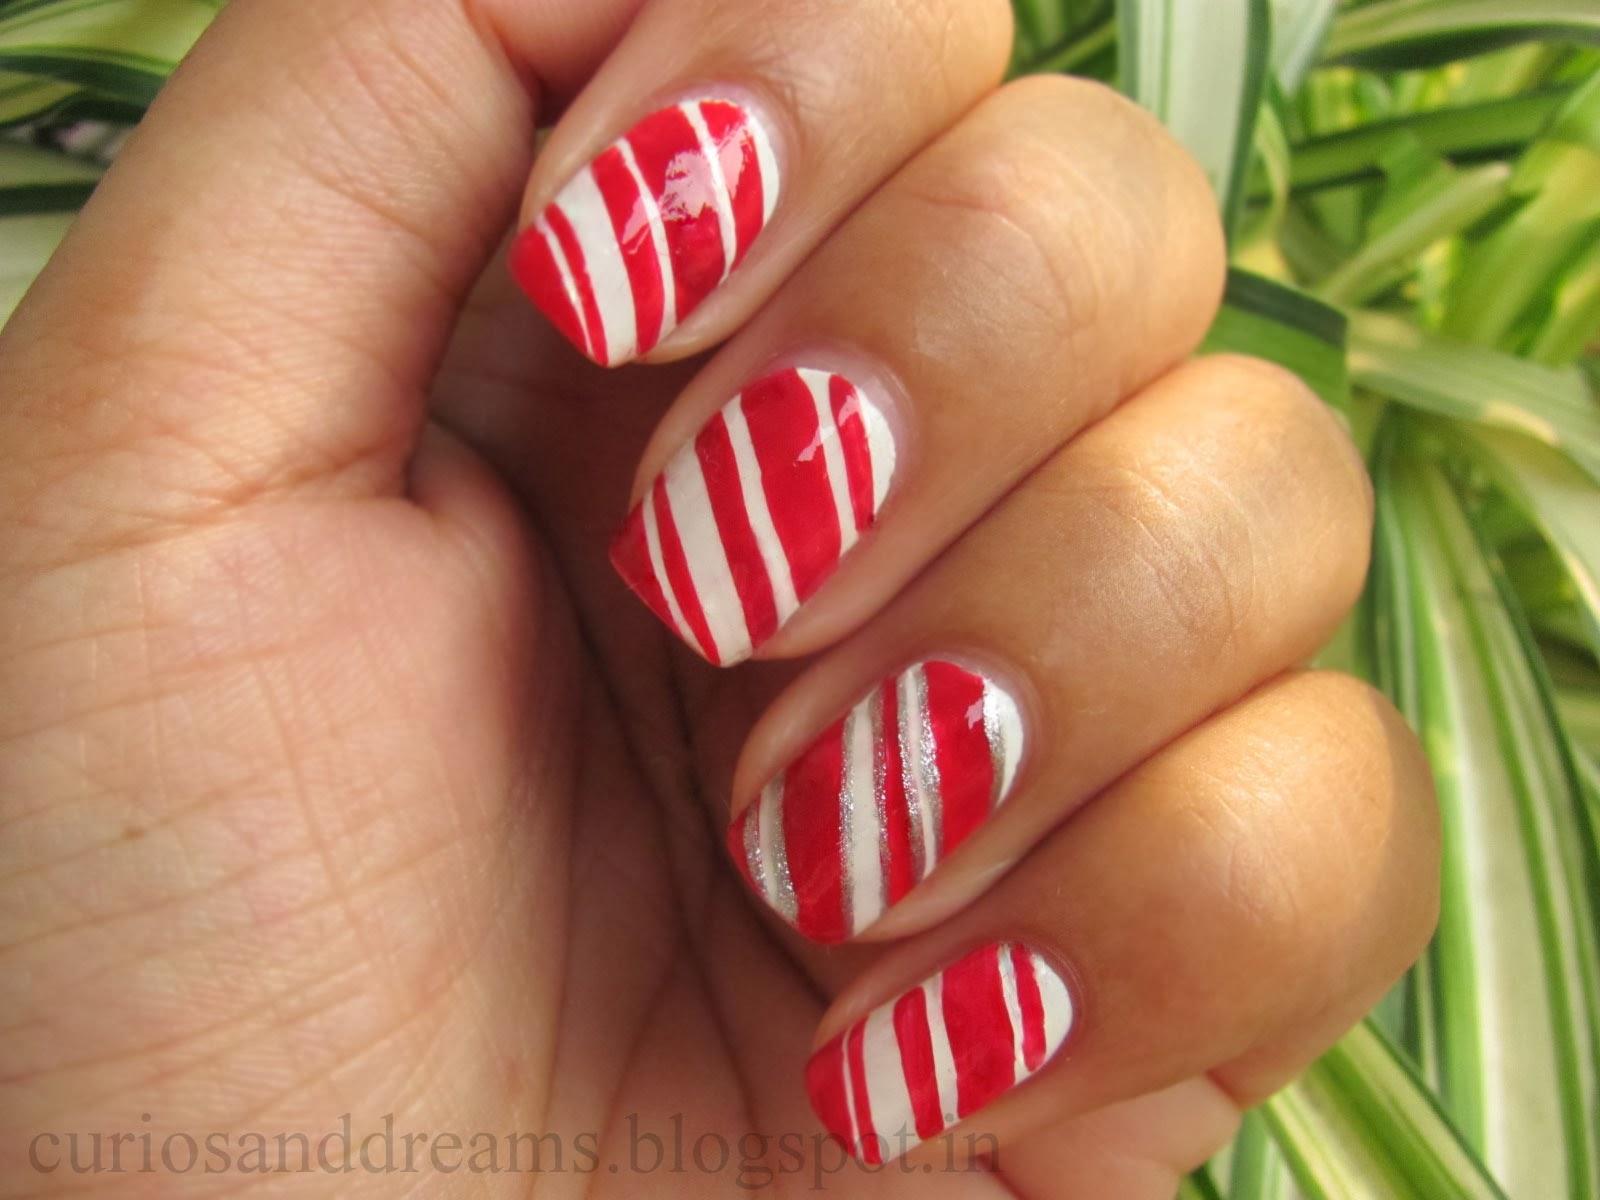 Chirstmas Nail Art designs, Candy cane nail art